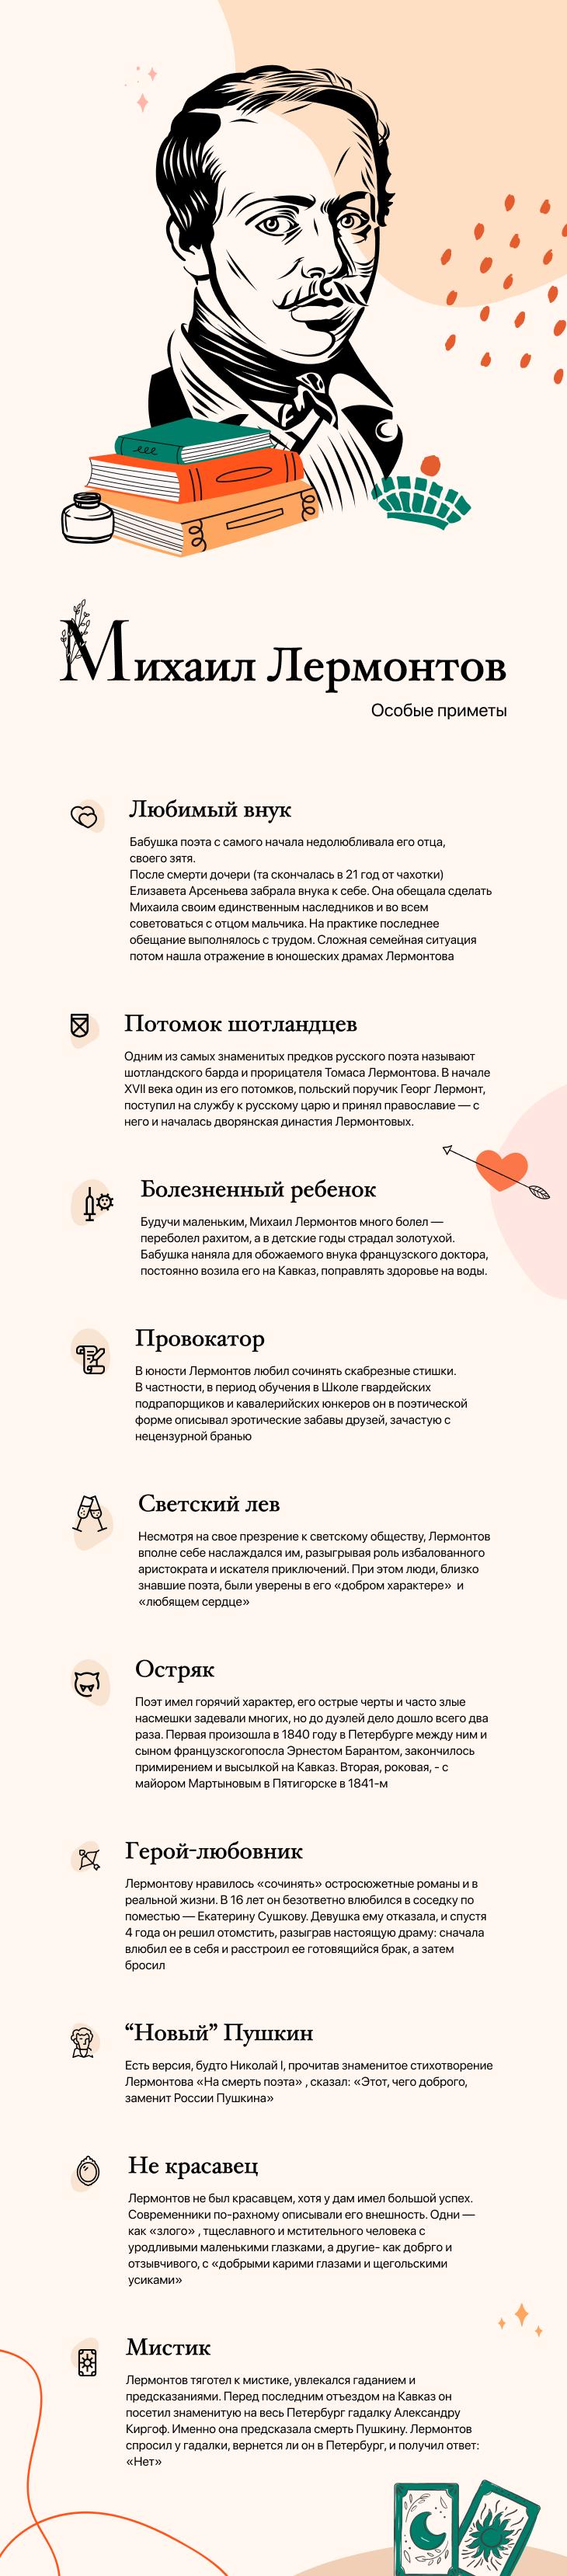 Инфографика - Михаил Юрьевич Лермонтов.